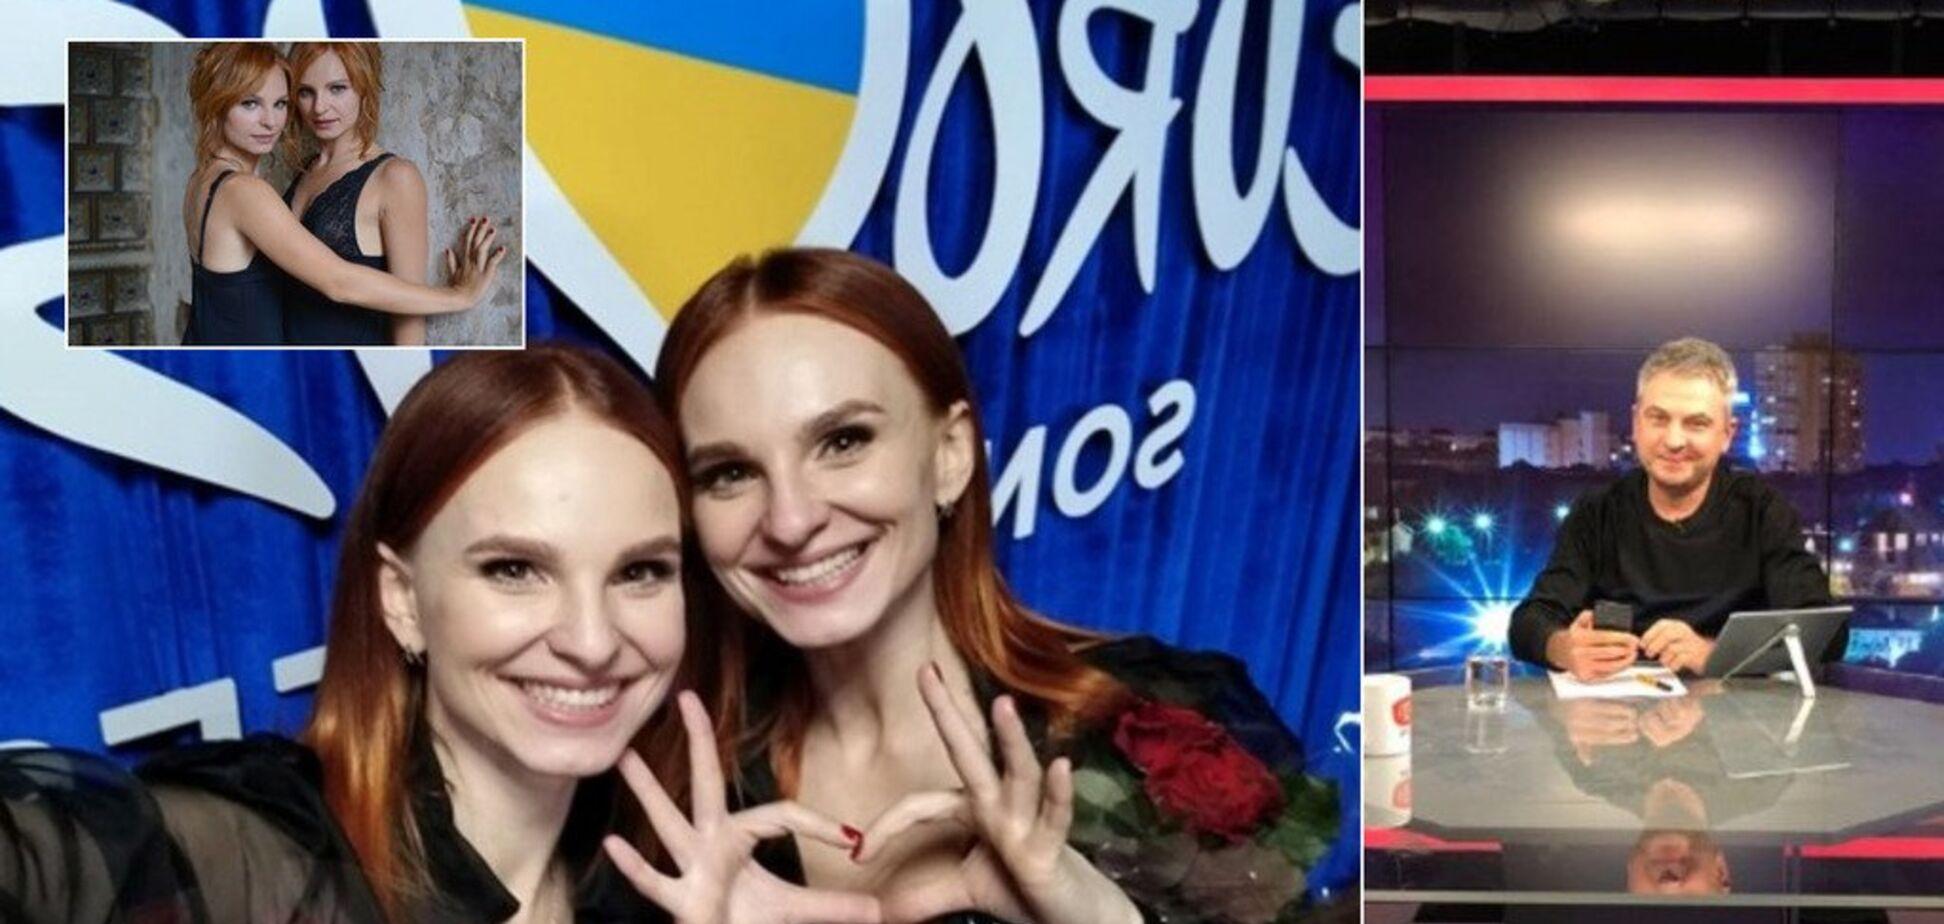 Крымнаш, а войны с Россией нет: претендентки от Украины на Евровидение оскандалились в прямом эфире